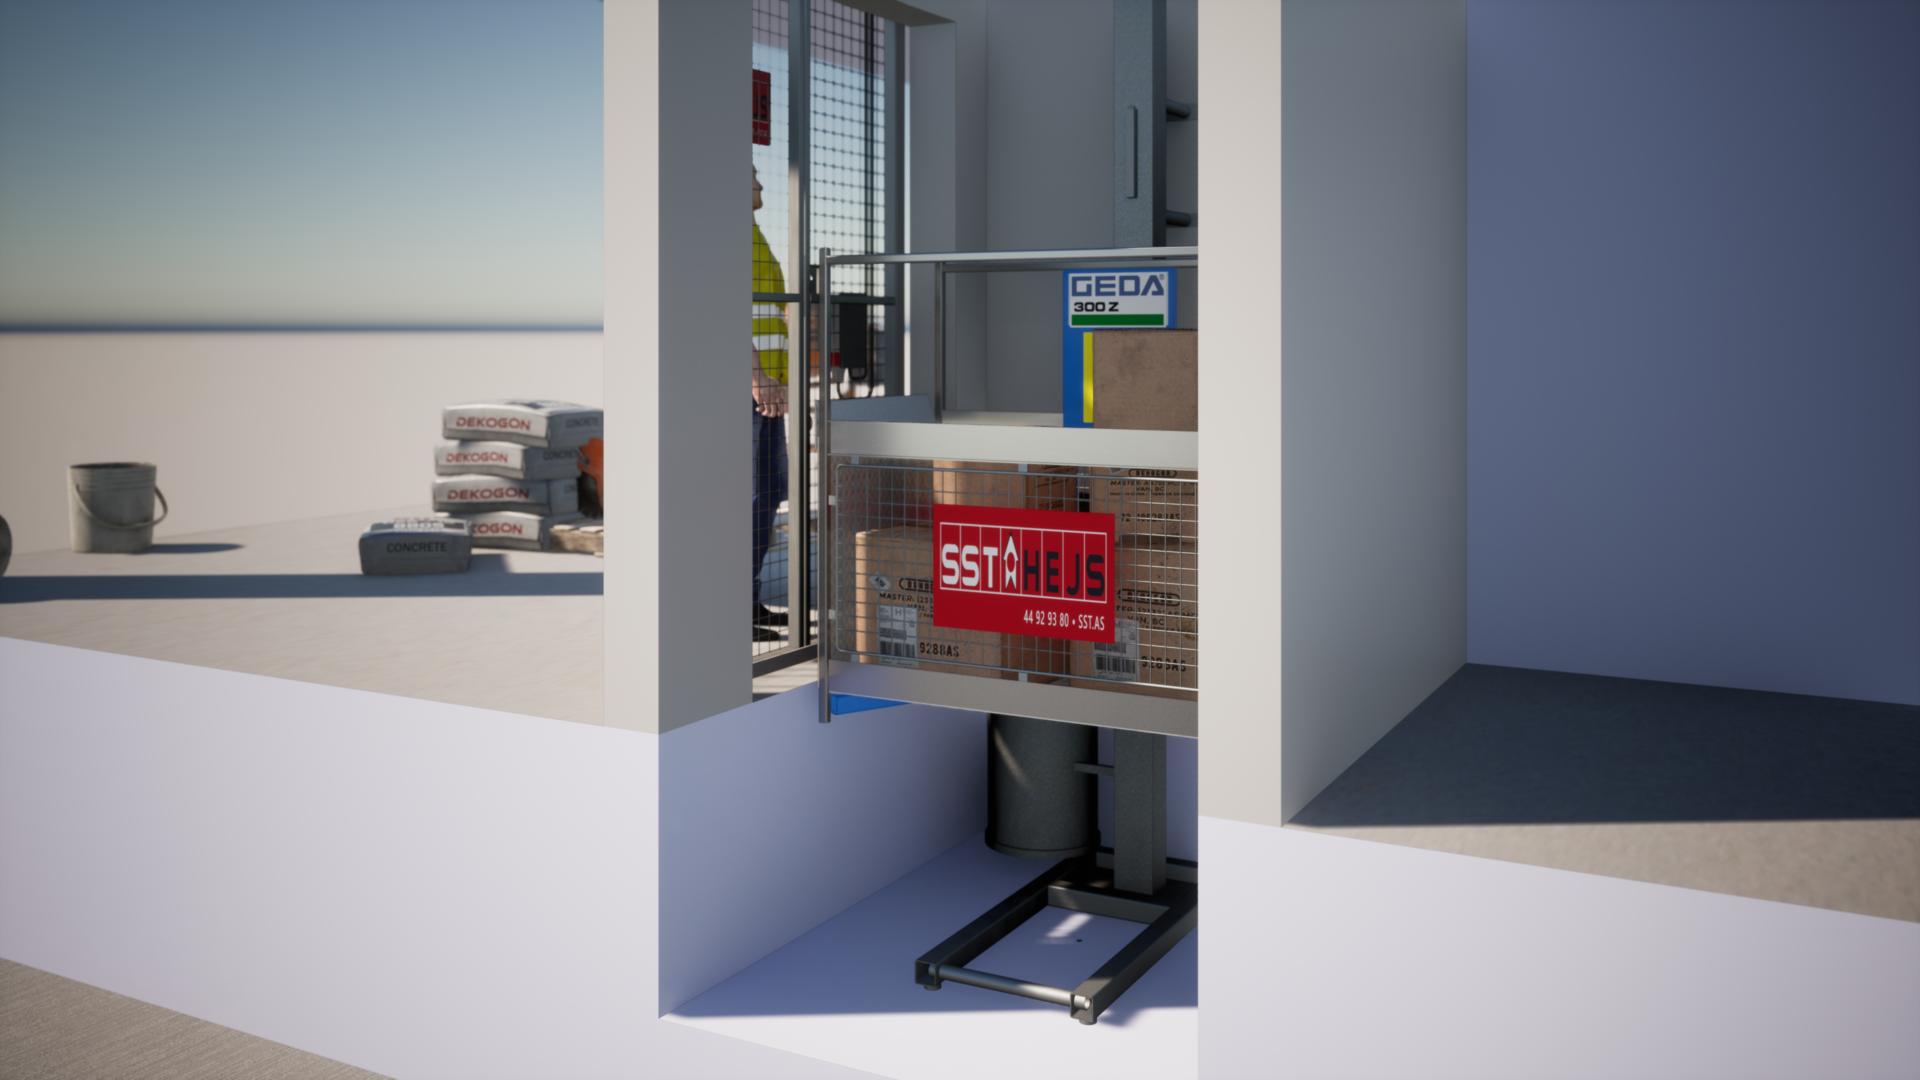 GEDA 300 monteret af SST HEJS i en elevatorskakt i et boligbyggeri med flere lejligheder. GEDA hejs er også til salg og udleje